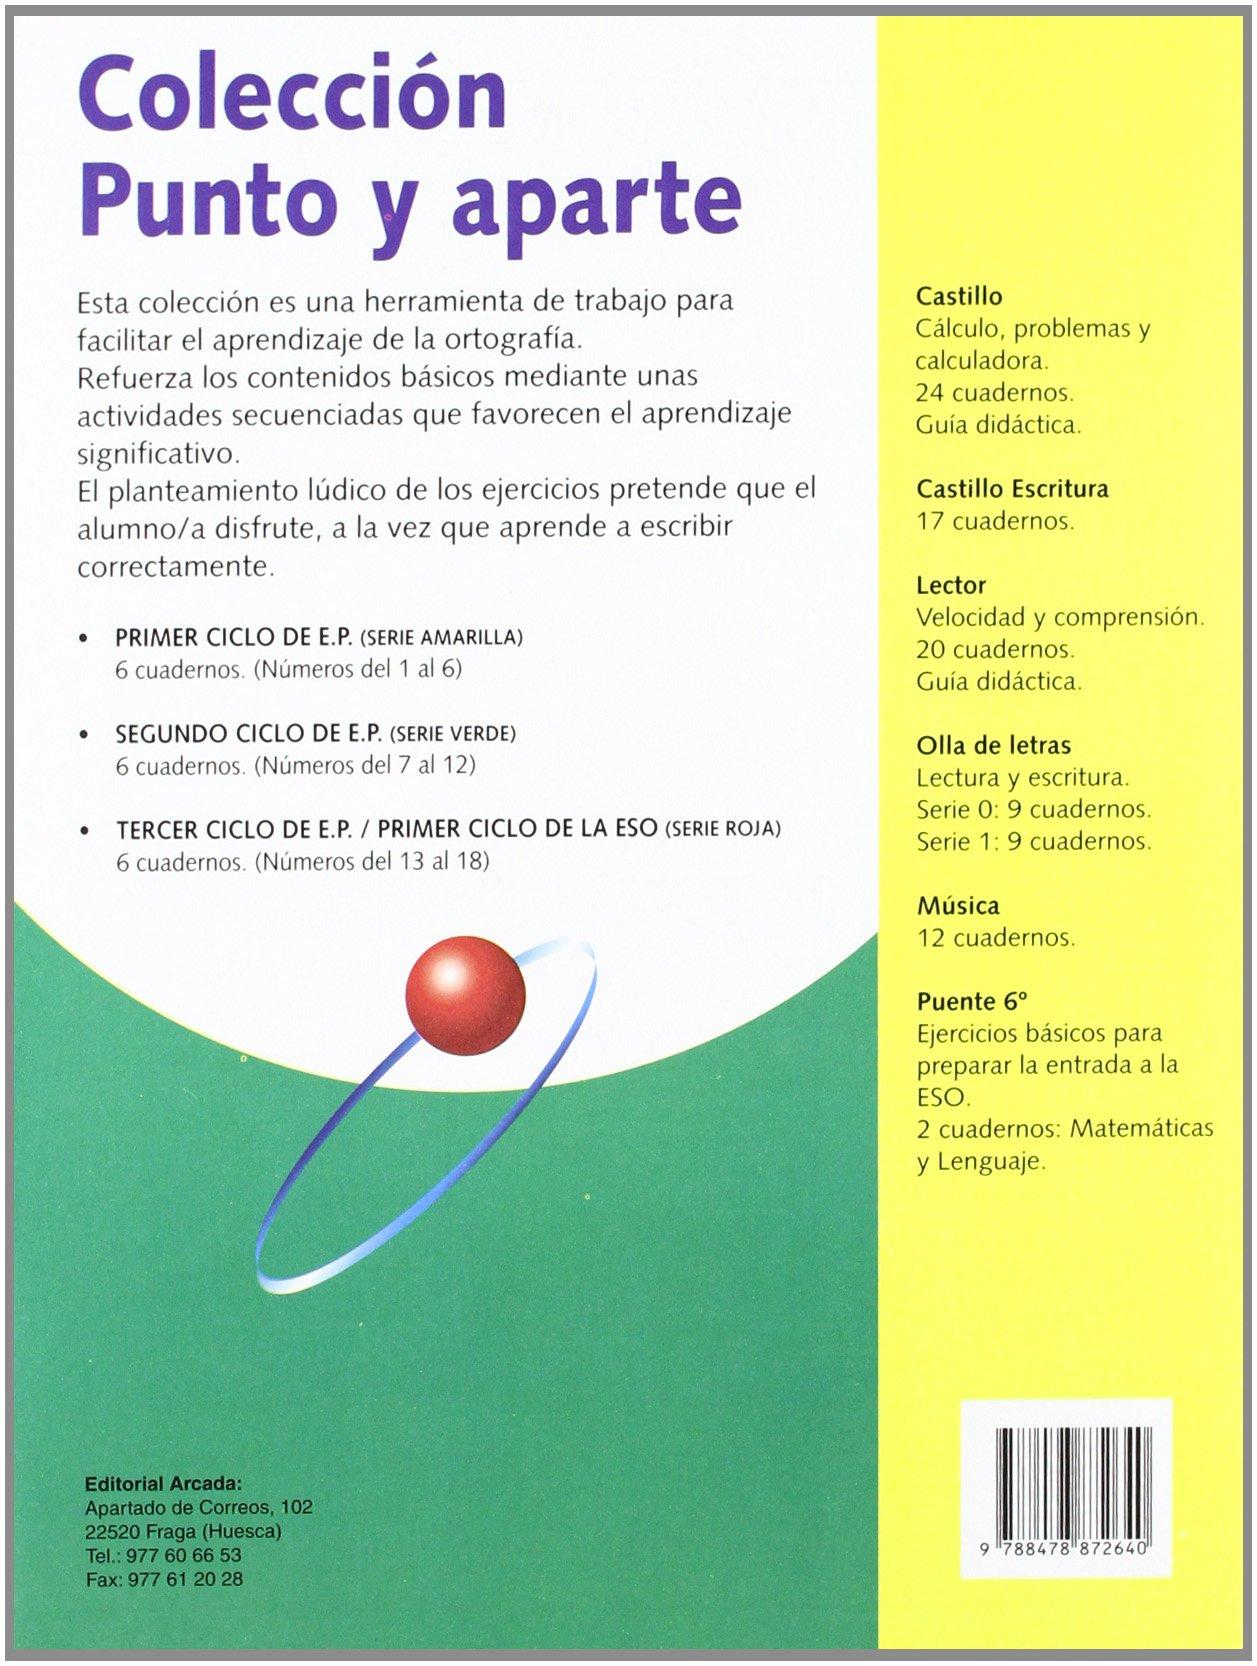 Punto Y Aparte. Ortografía 18: Amazon.es: Marian Ortuño, Àngels Beltrán I Balaguer: Libros